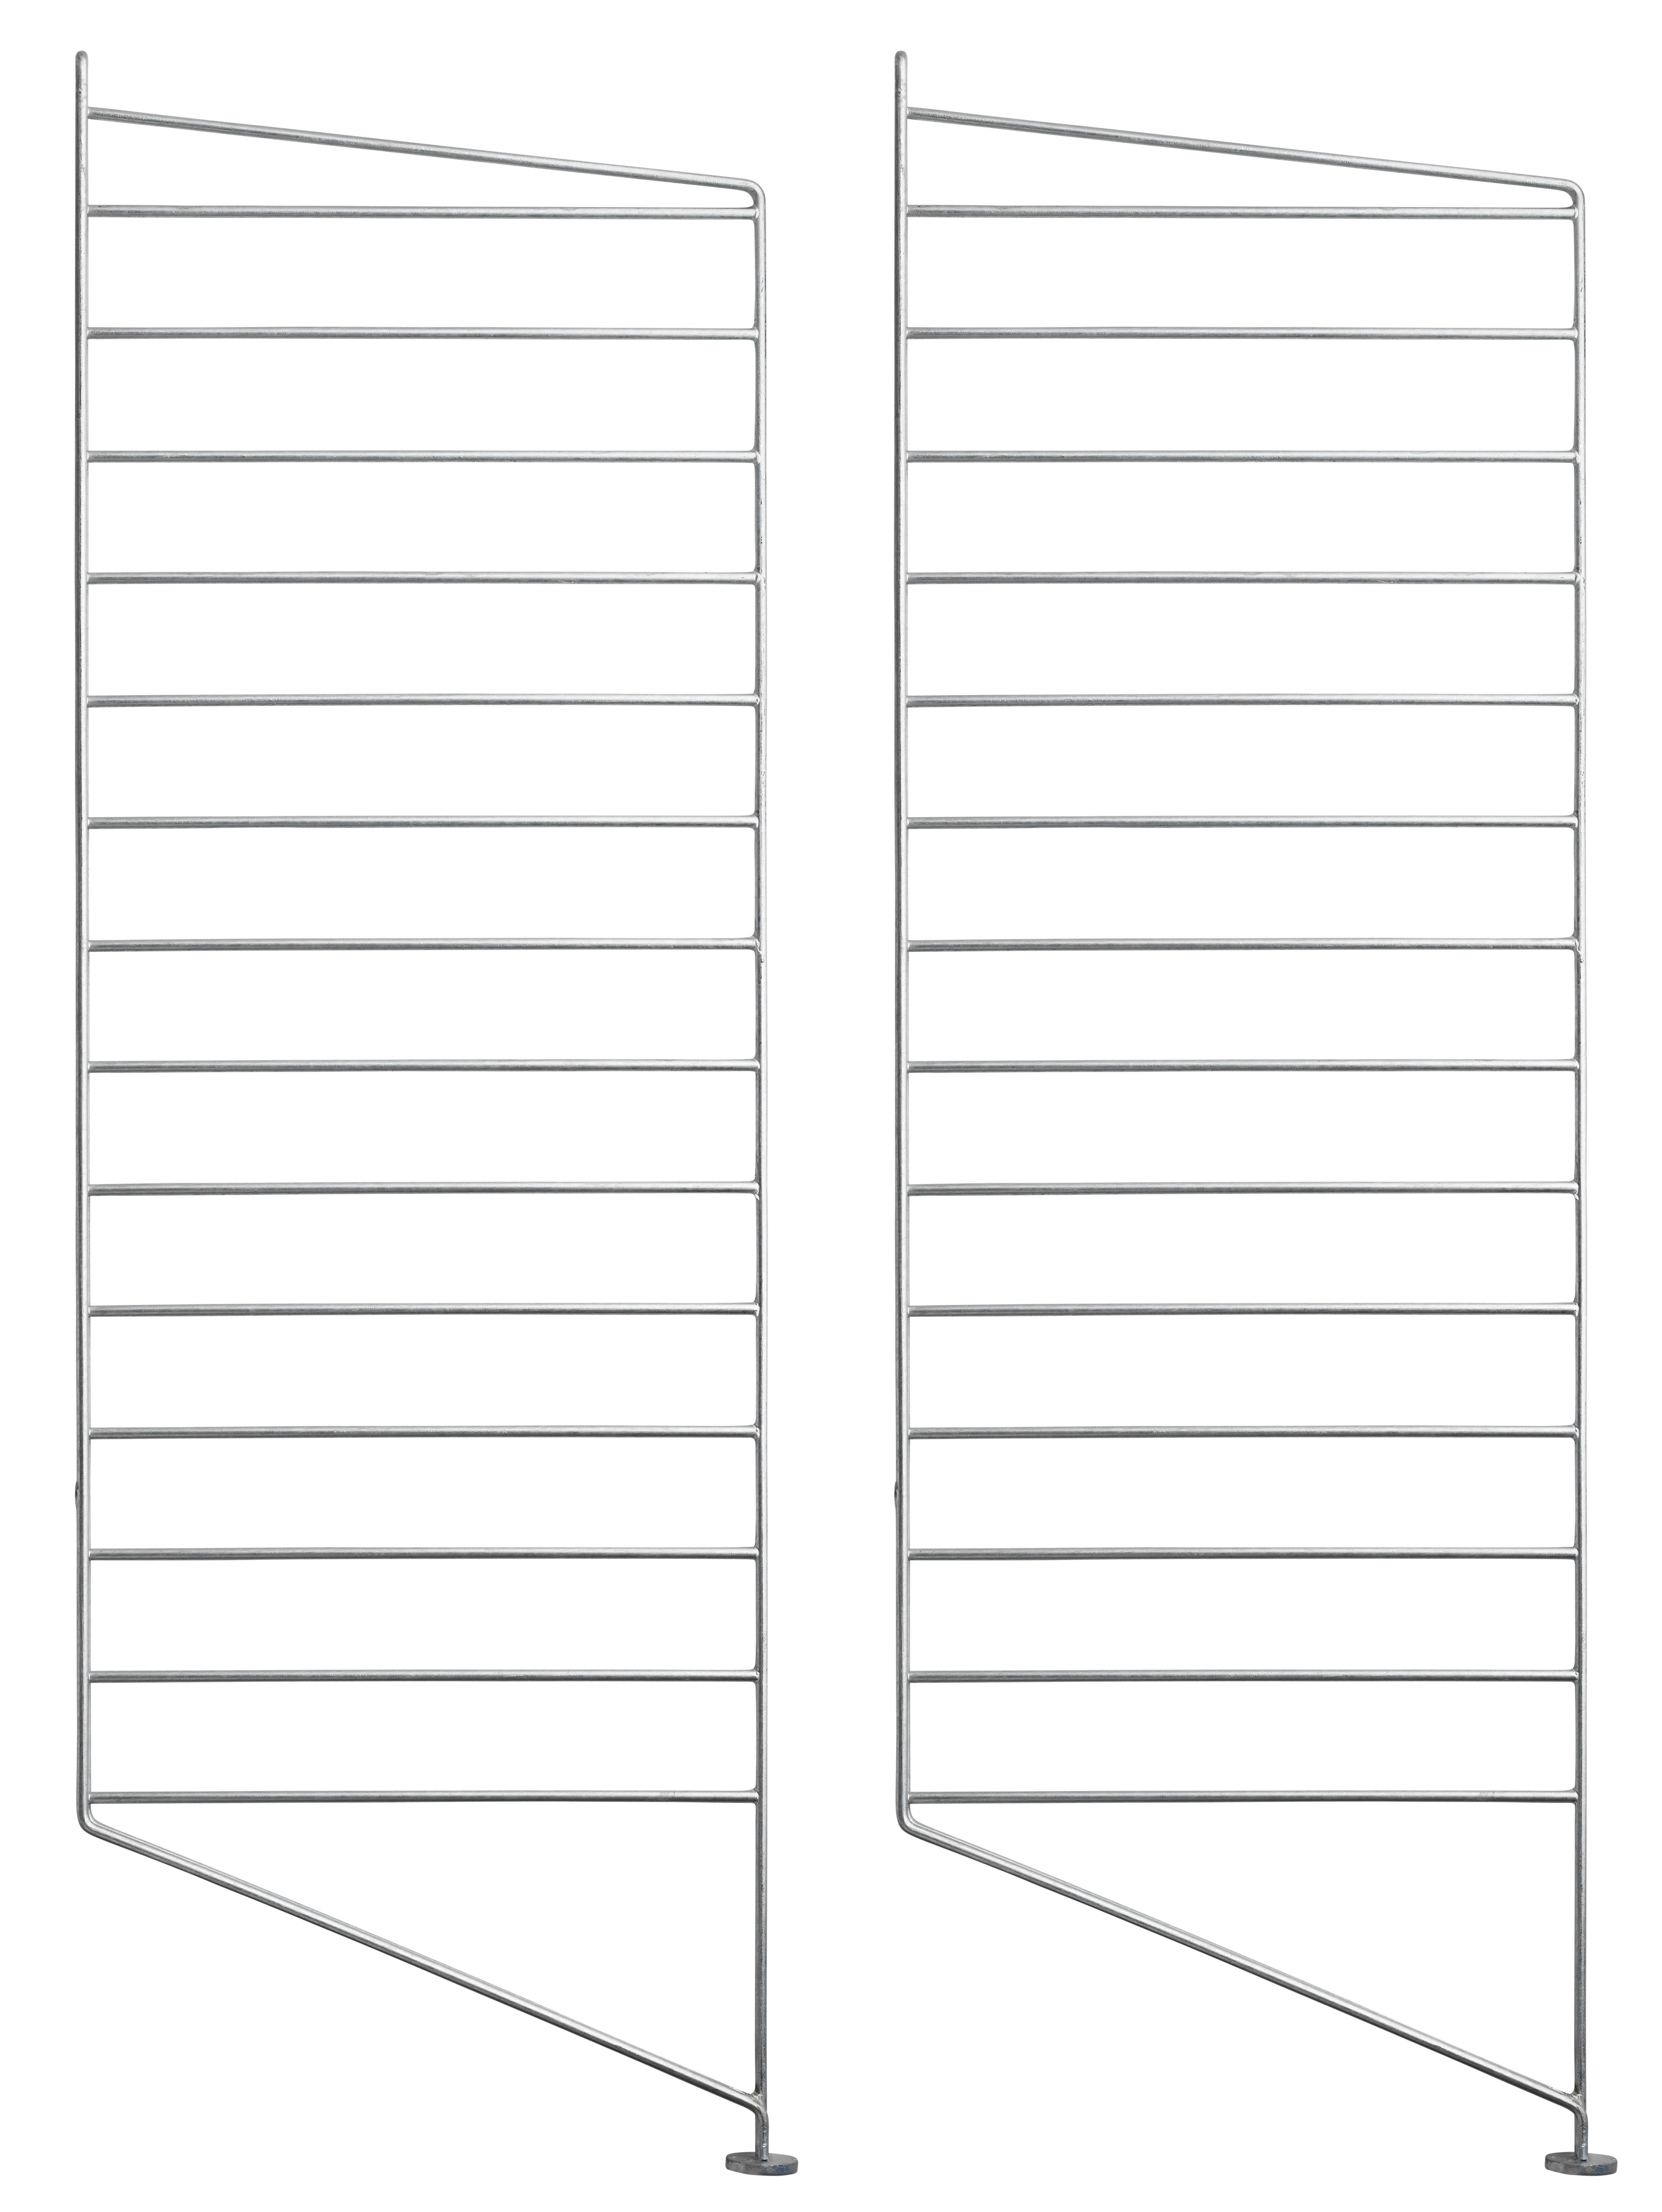 Arredamento - Scaffali e librerie - Montanti laterali String Outdoor - / Acciaio zincato - H 85 x P 30 cm - Set da 2 di String Furniture - Set da 2 / Zincato - Acciaio galvanizzato